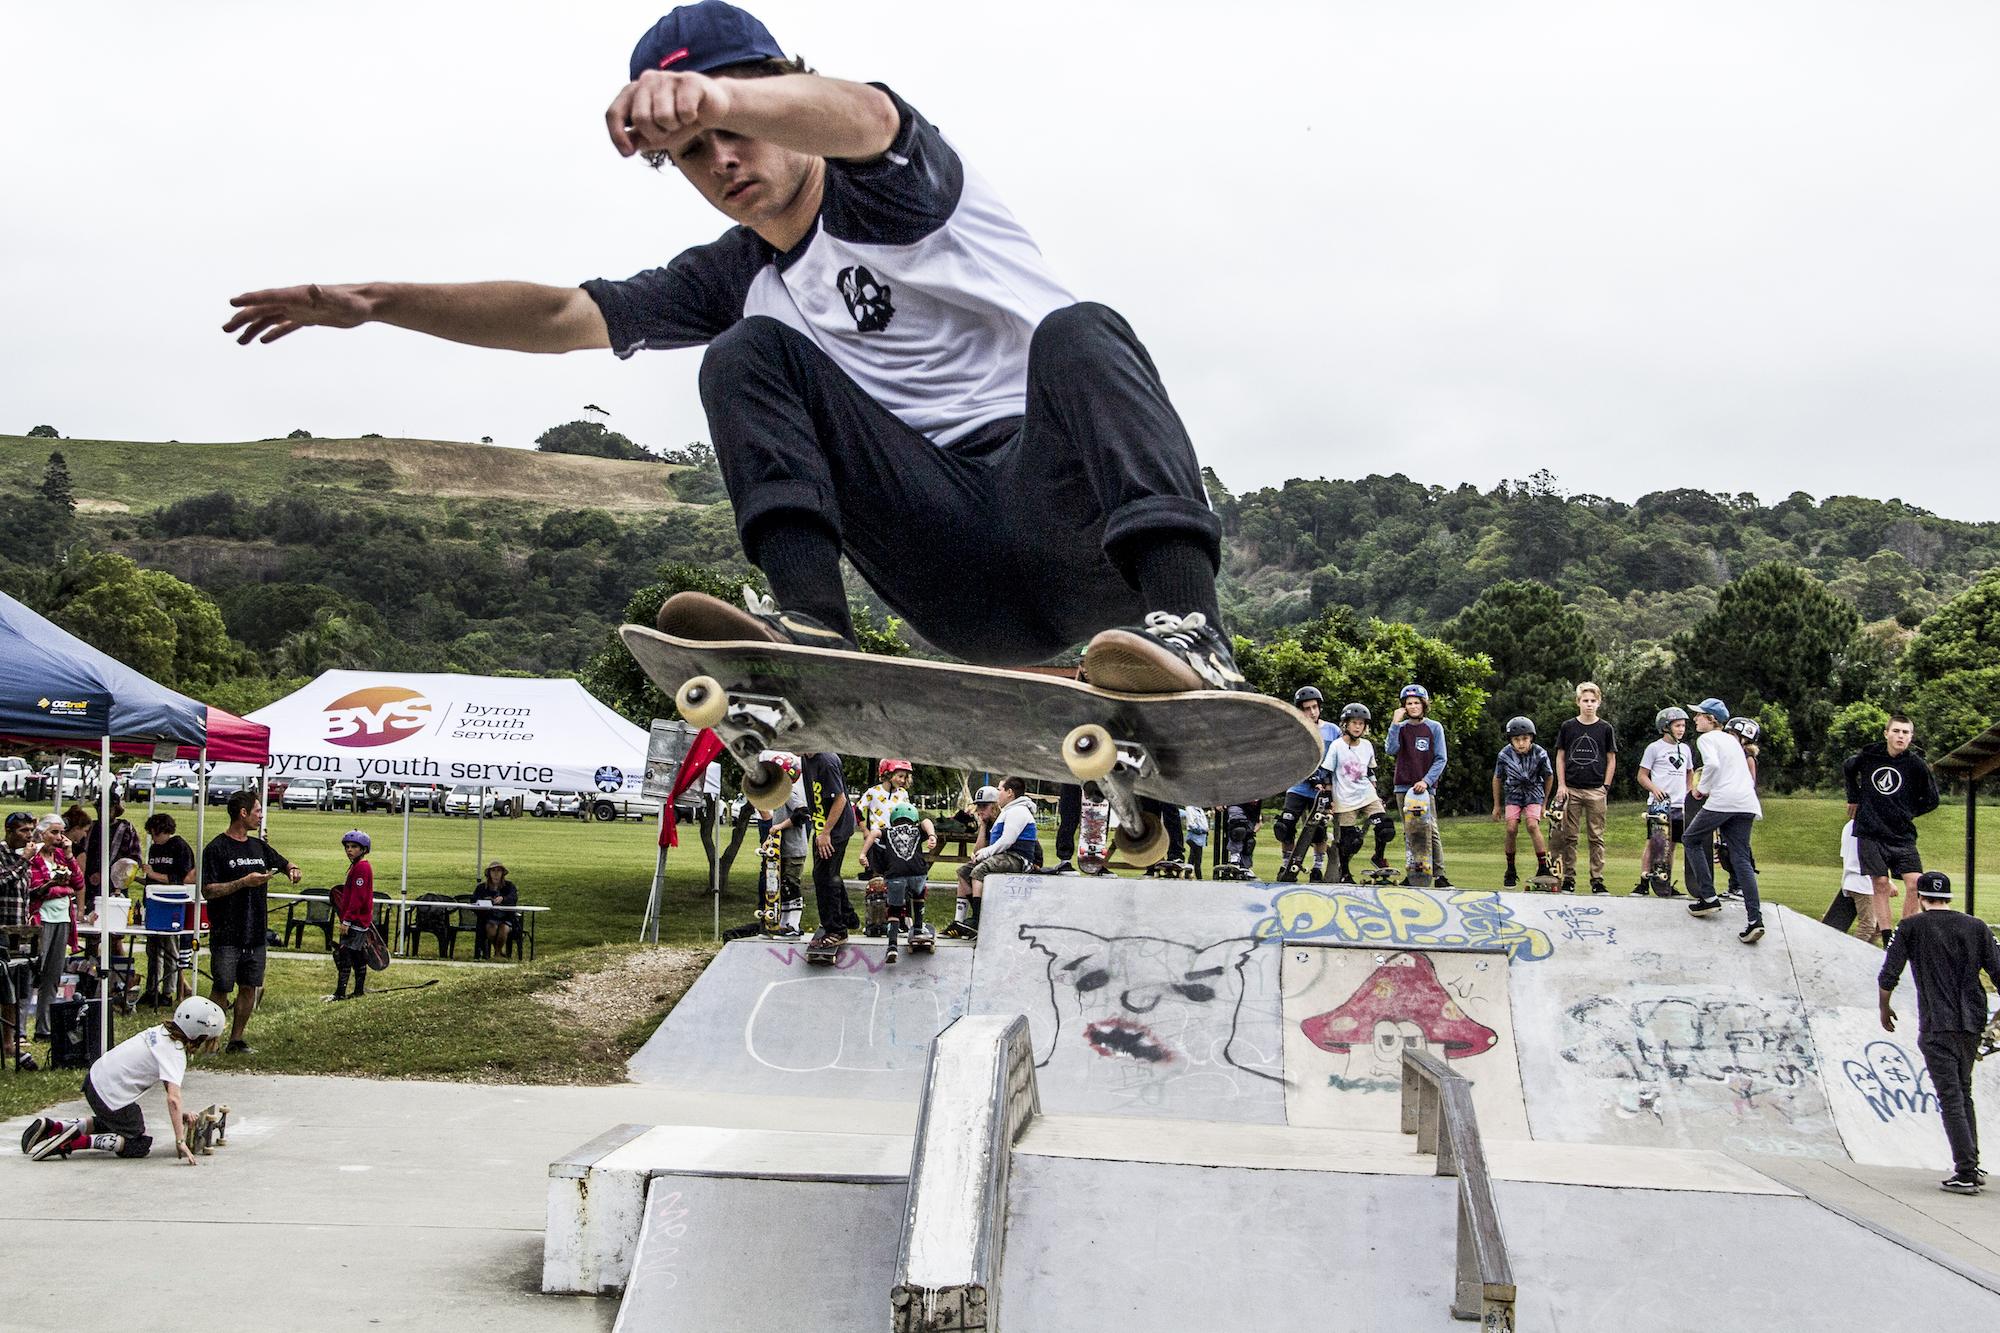 suffo-skate-12.jpg